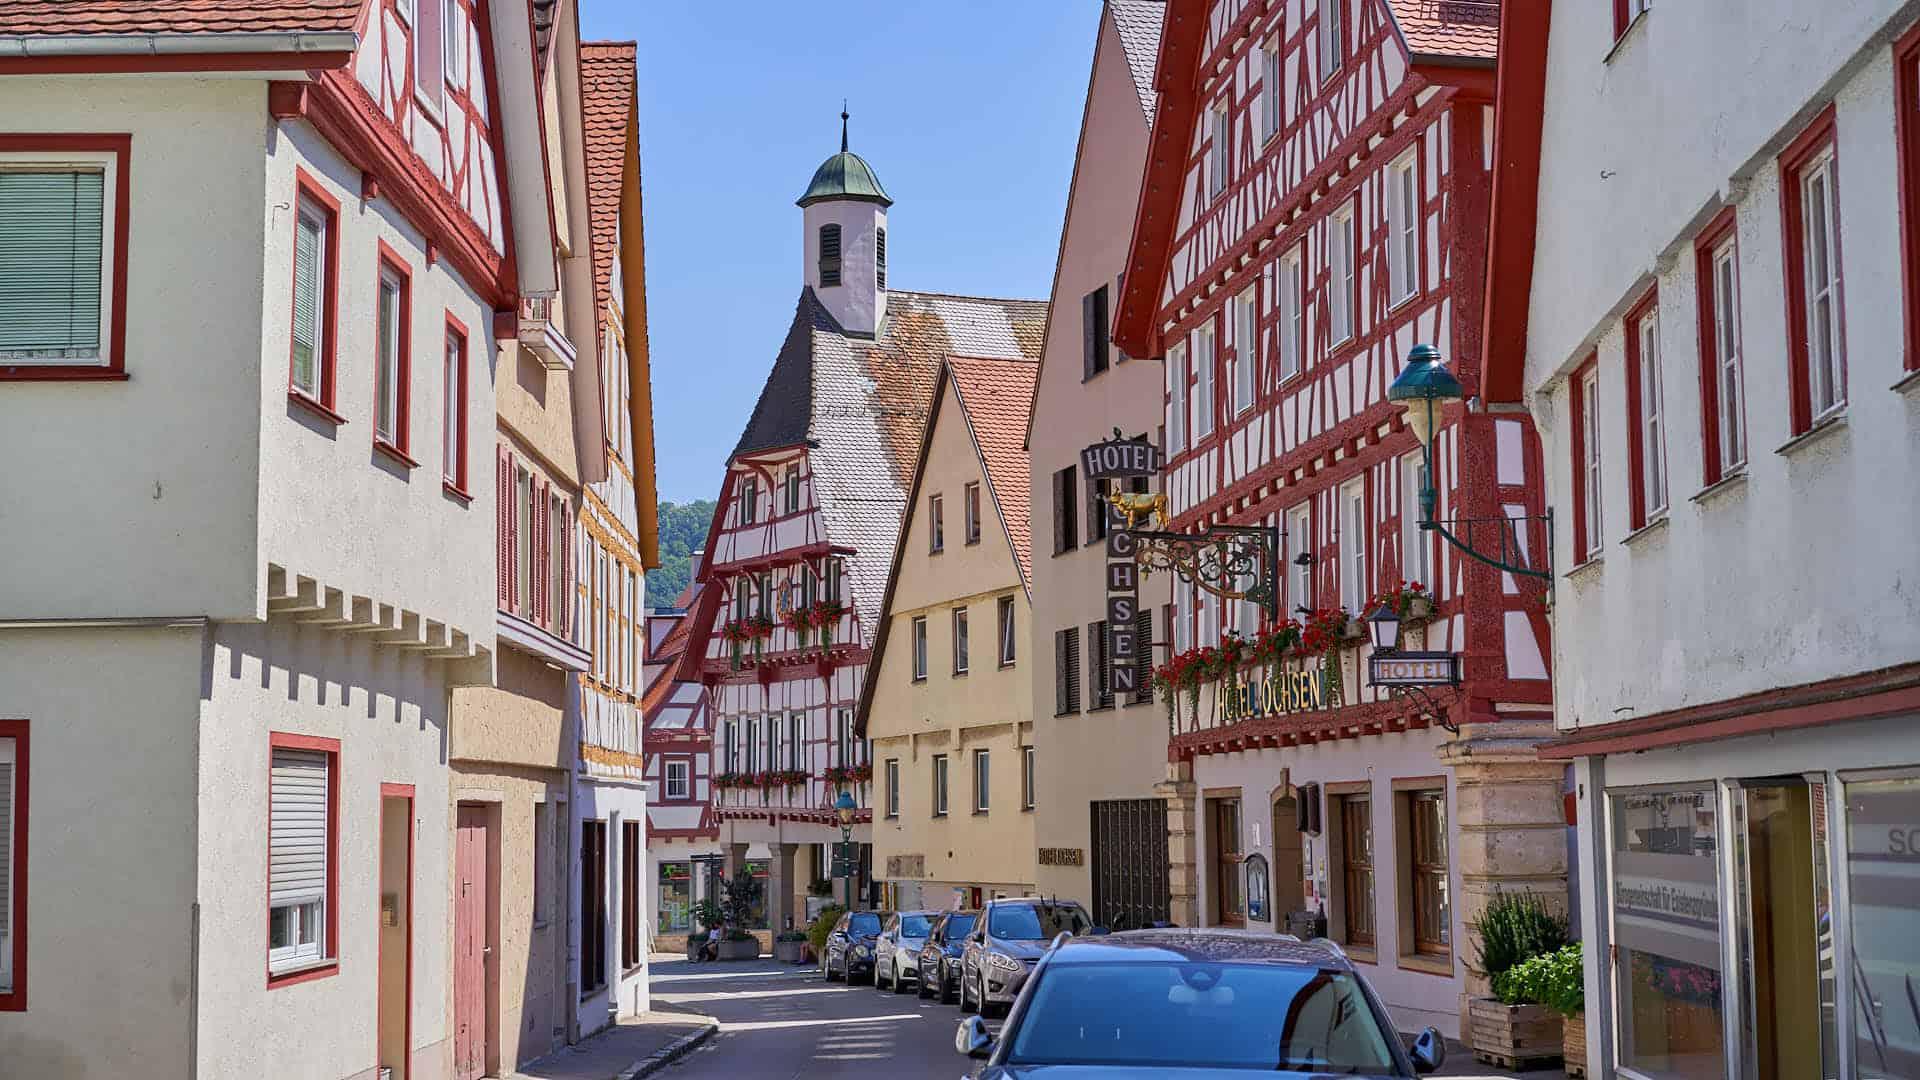 Blaubeuren street